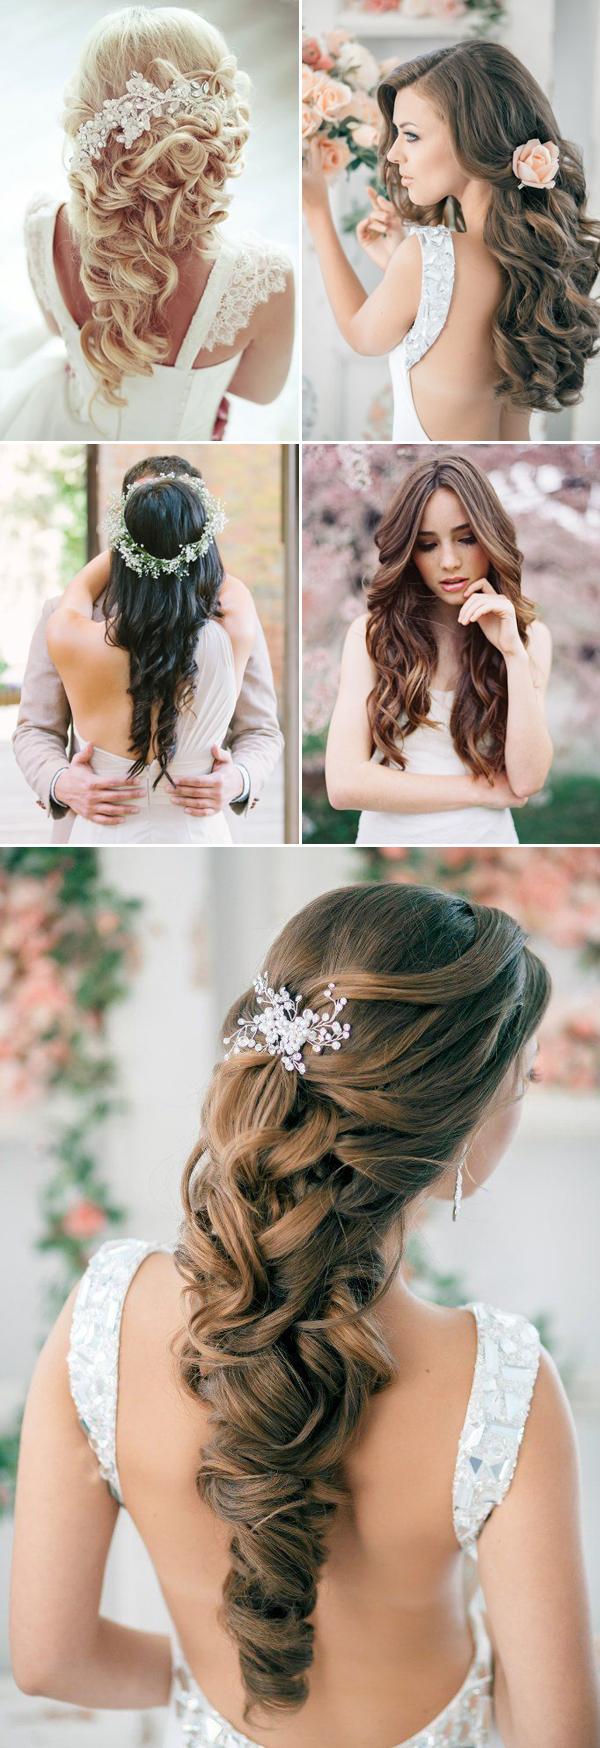 Deer Pearl Flowers Wedding Colors Amp Ideas